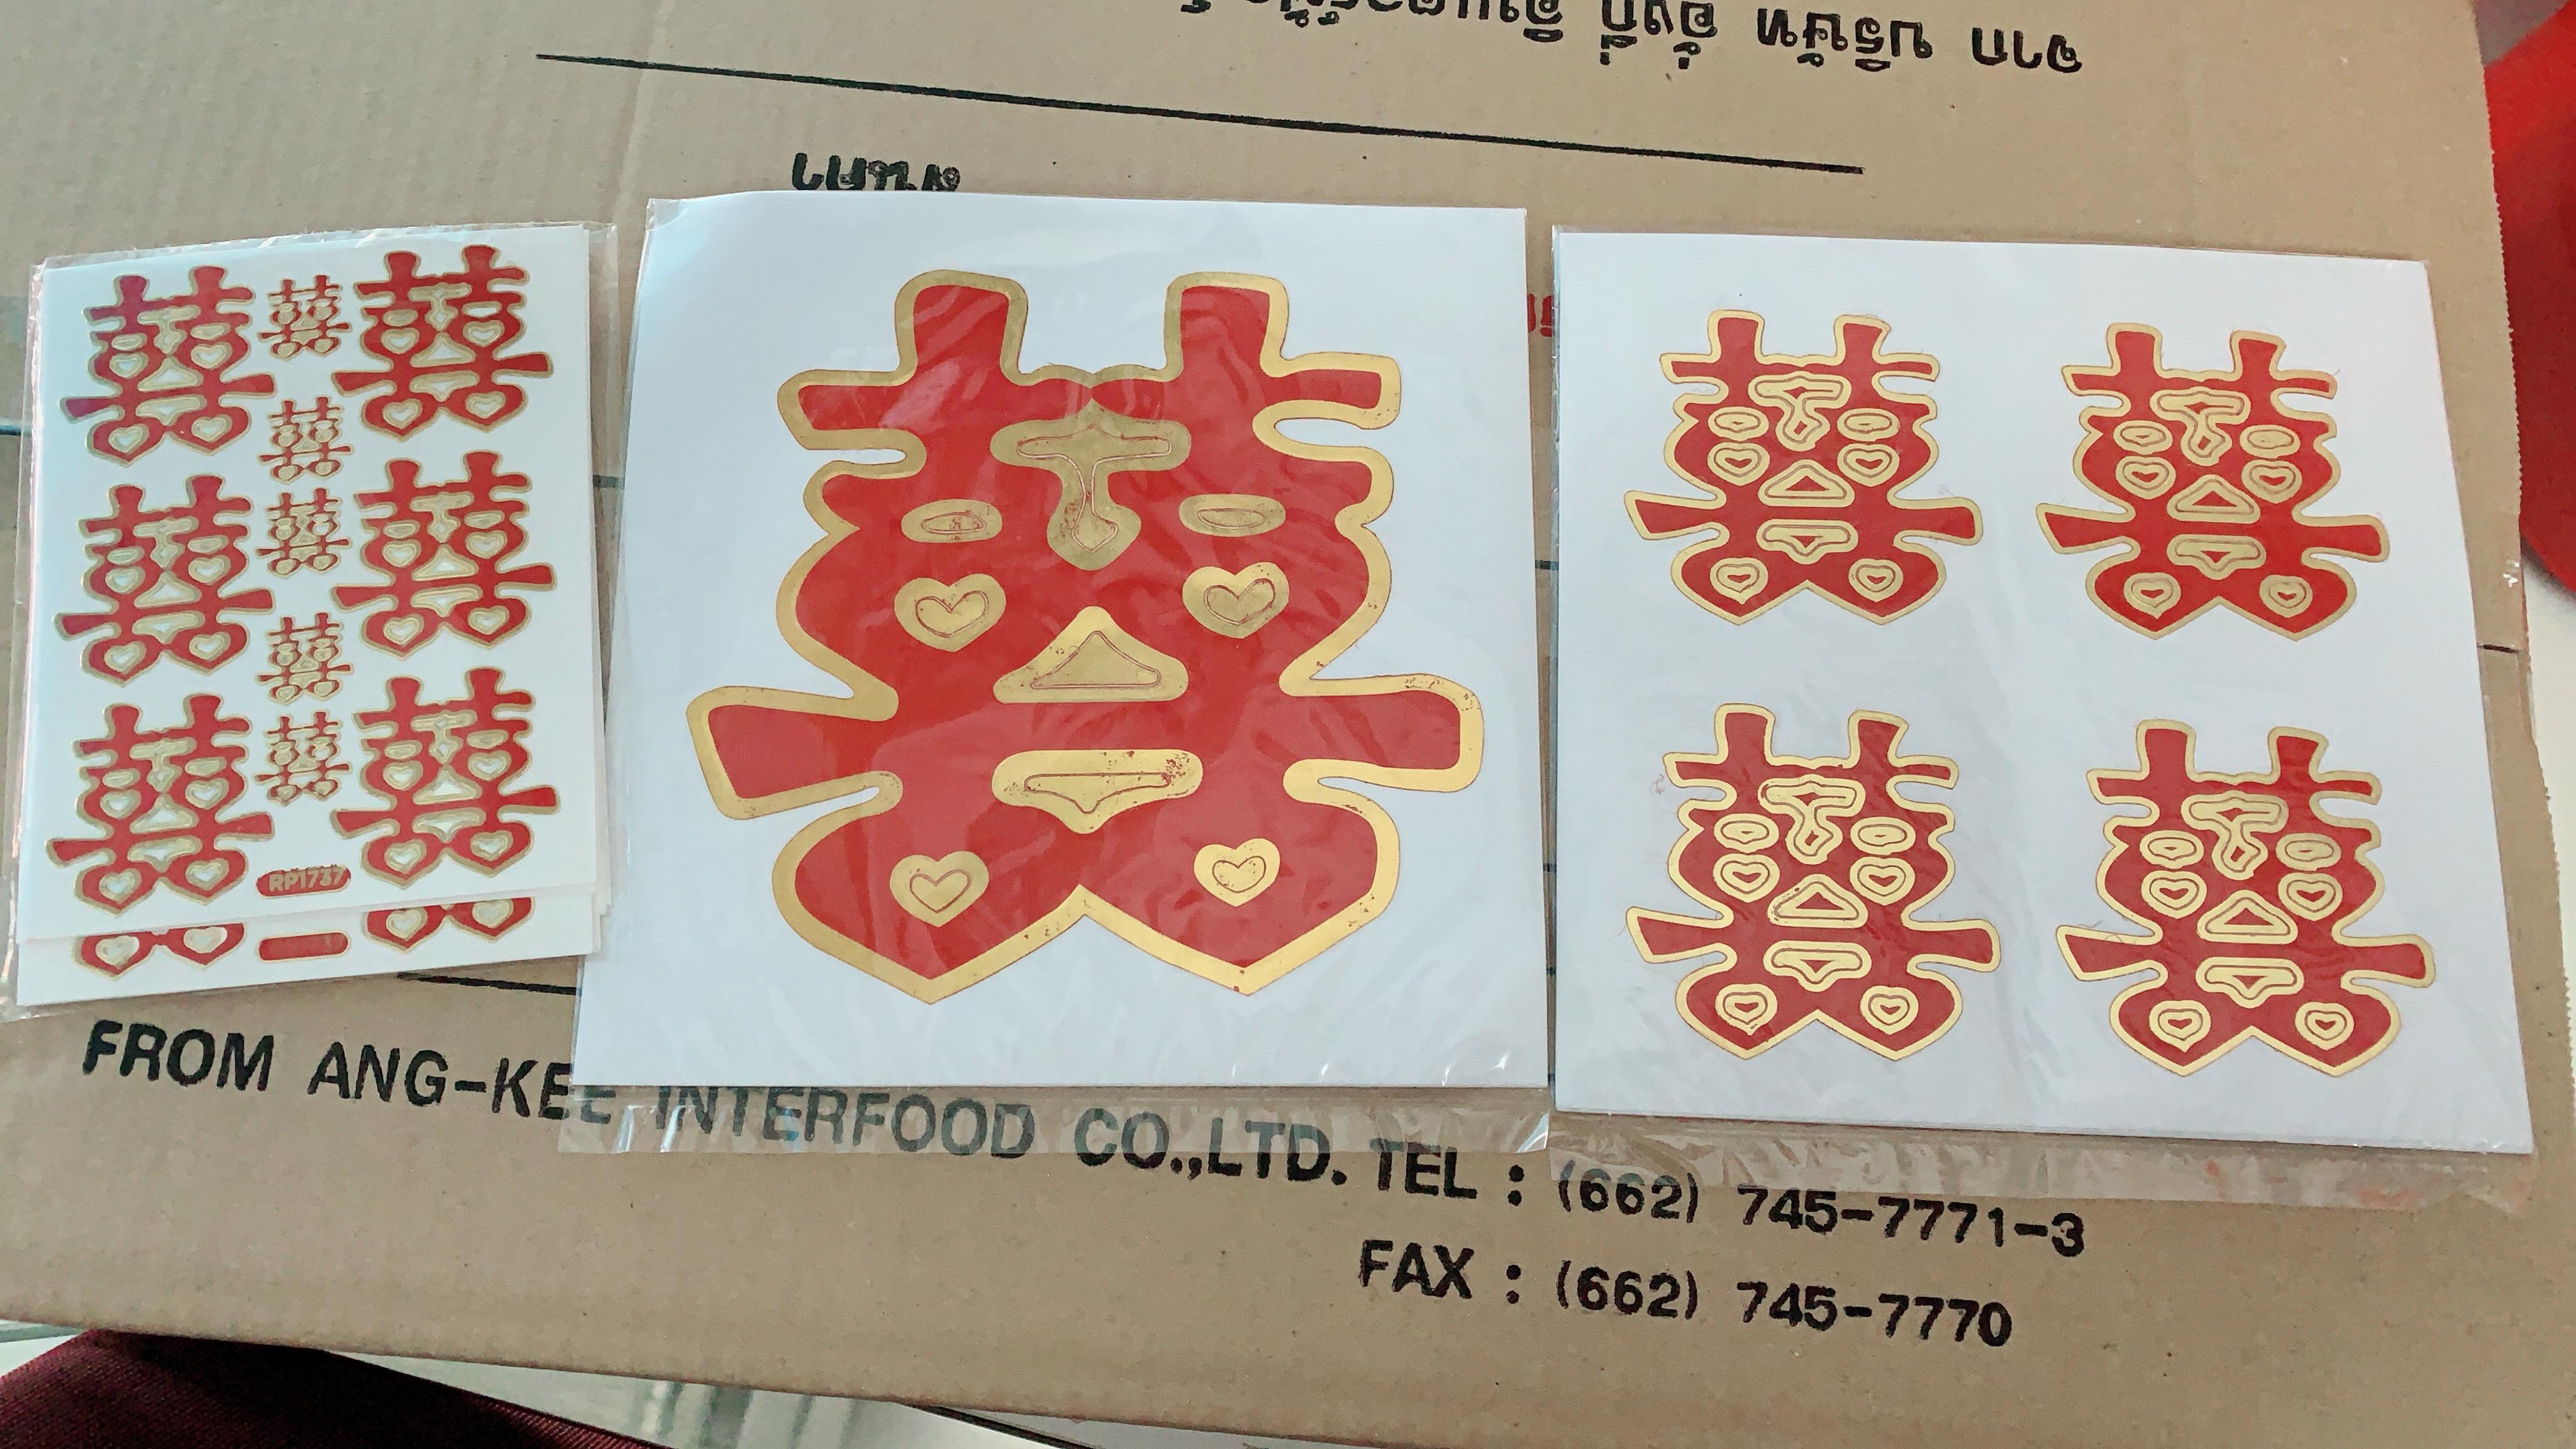 สติ๊กเกอร์ซังฮี่ ขนาดเล็กกลางใหญ่ สำหรับใช้ในงานหมั้นยกน้ำชาแต่งงานจีน